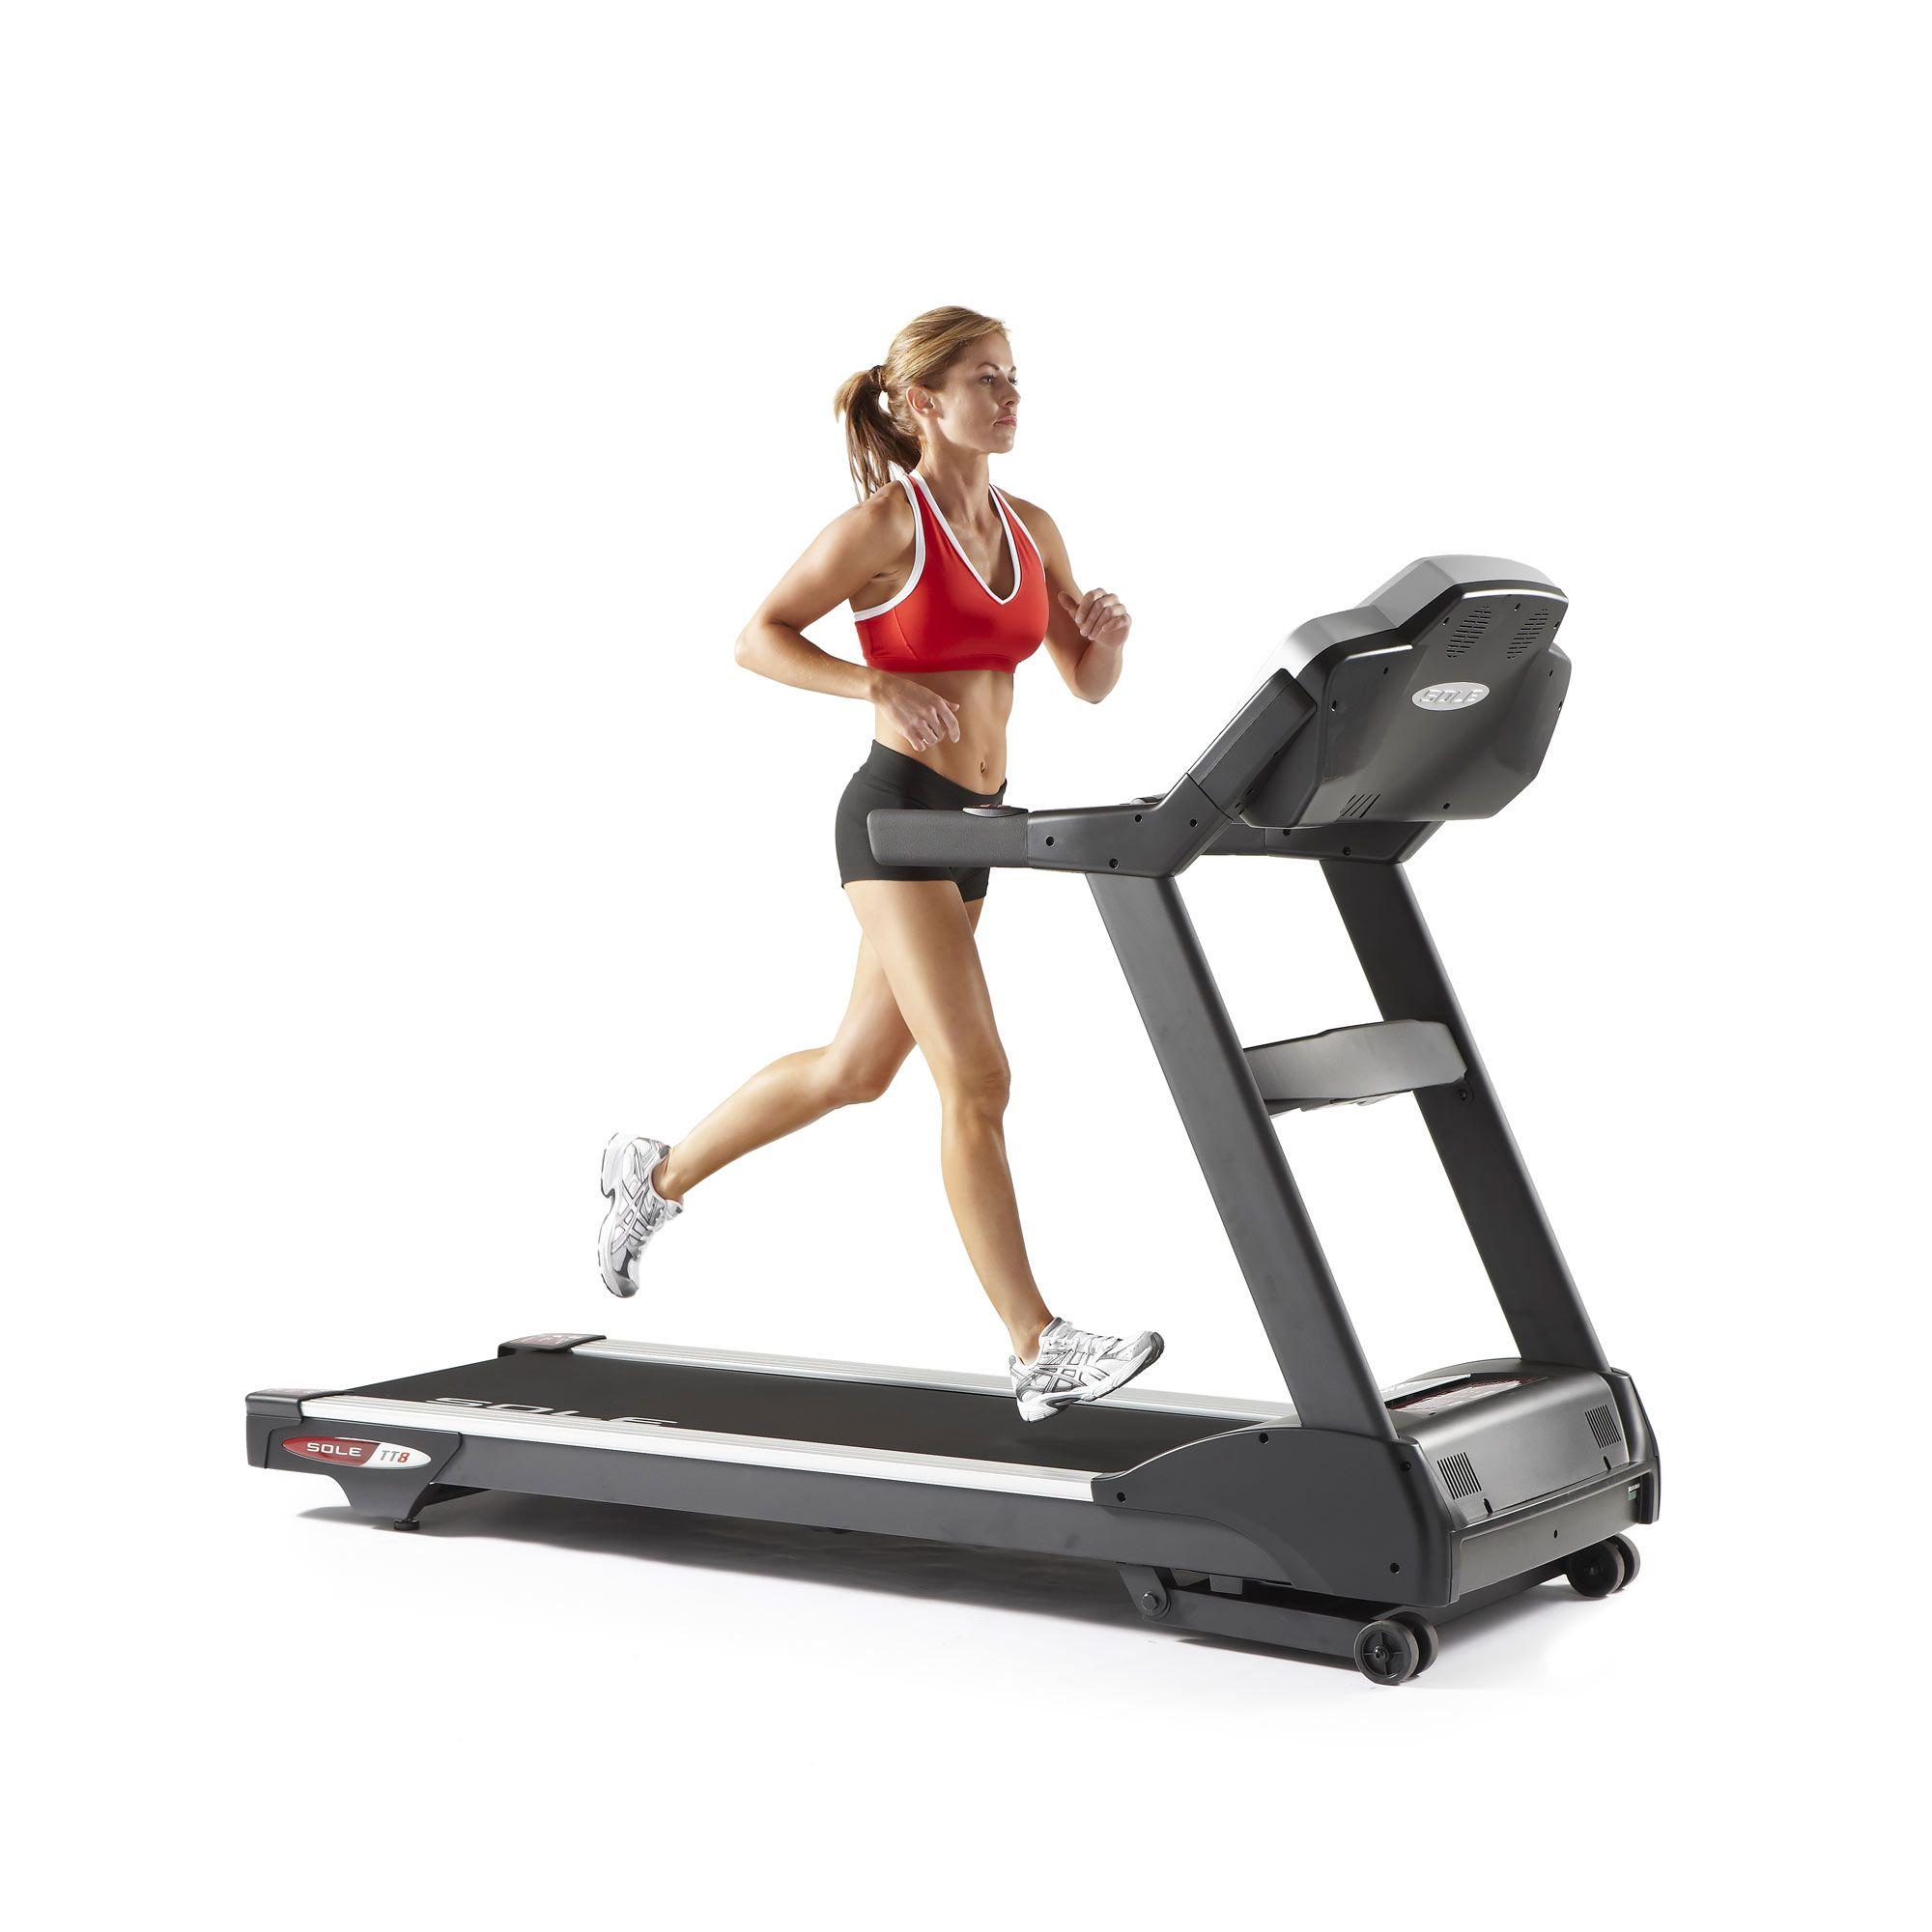 Sole Treadmill S77: Sole Fitness TT8 Light Commercial Platform Treadmill